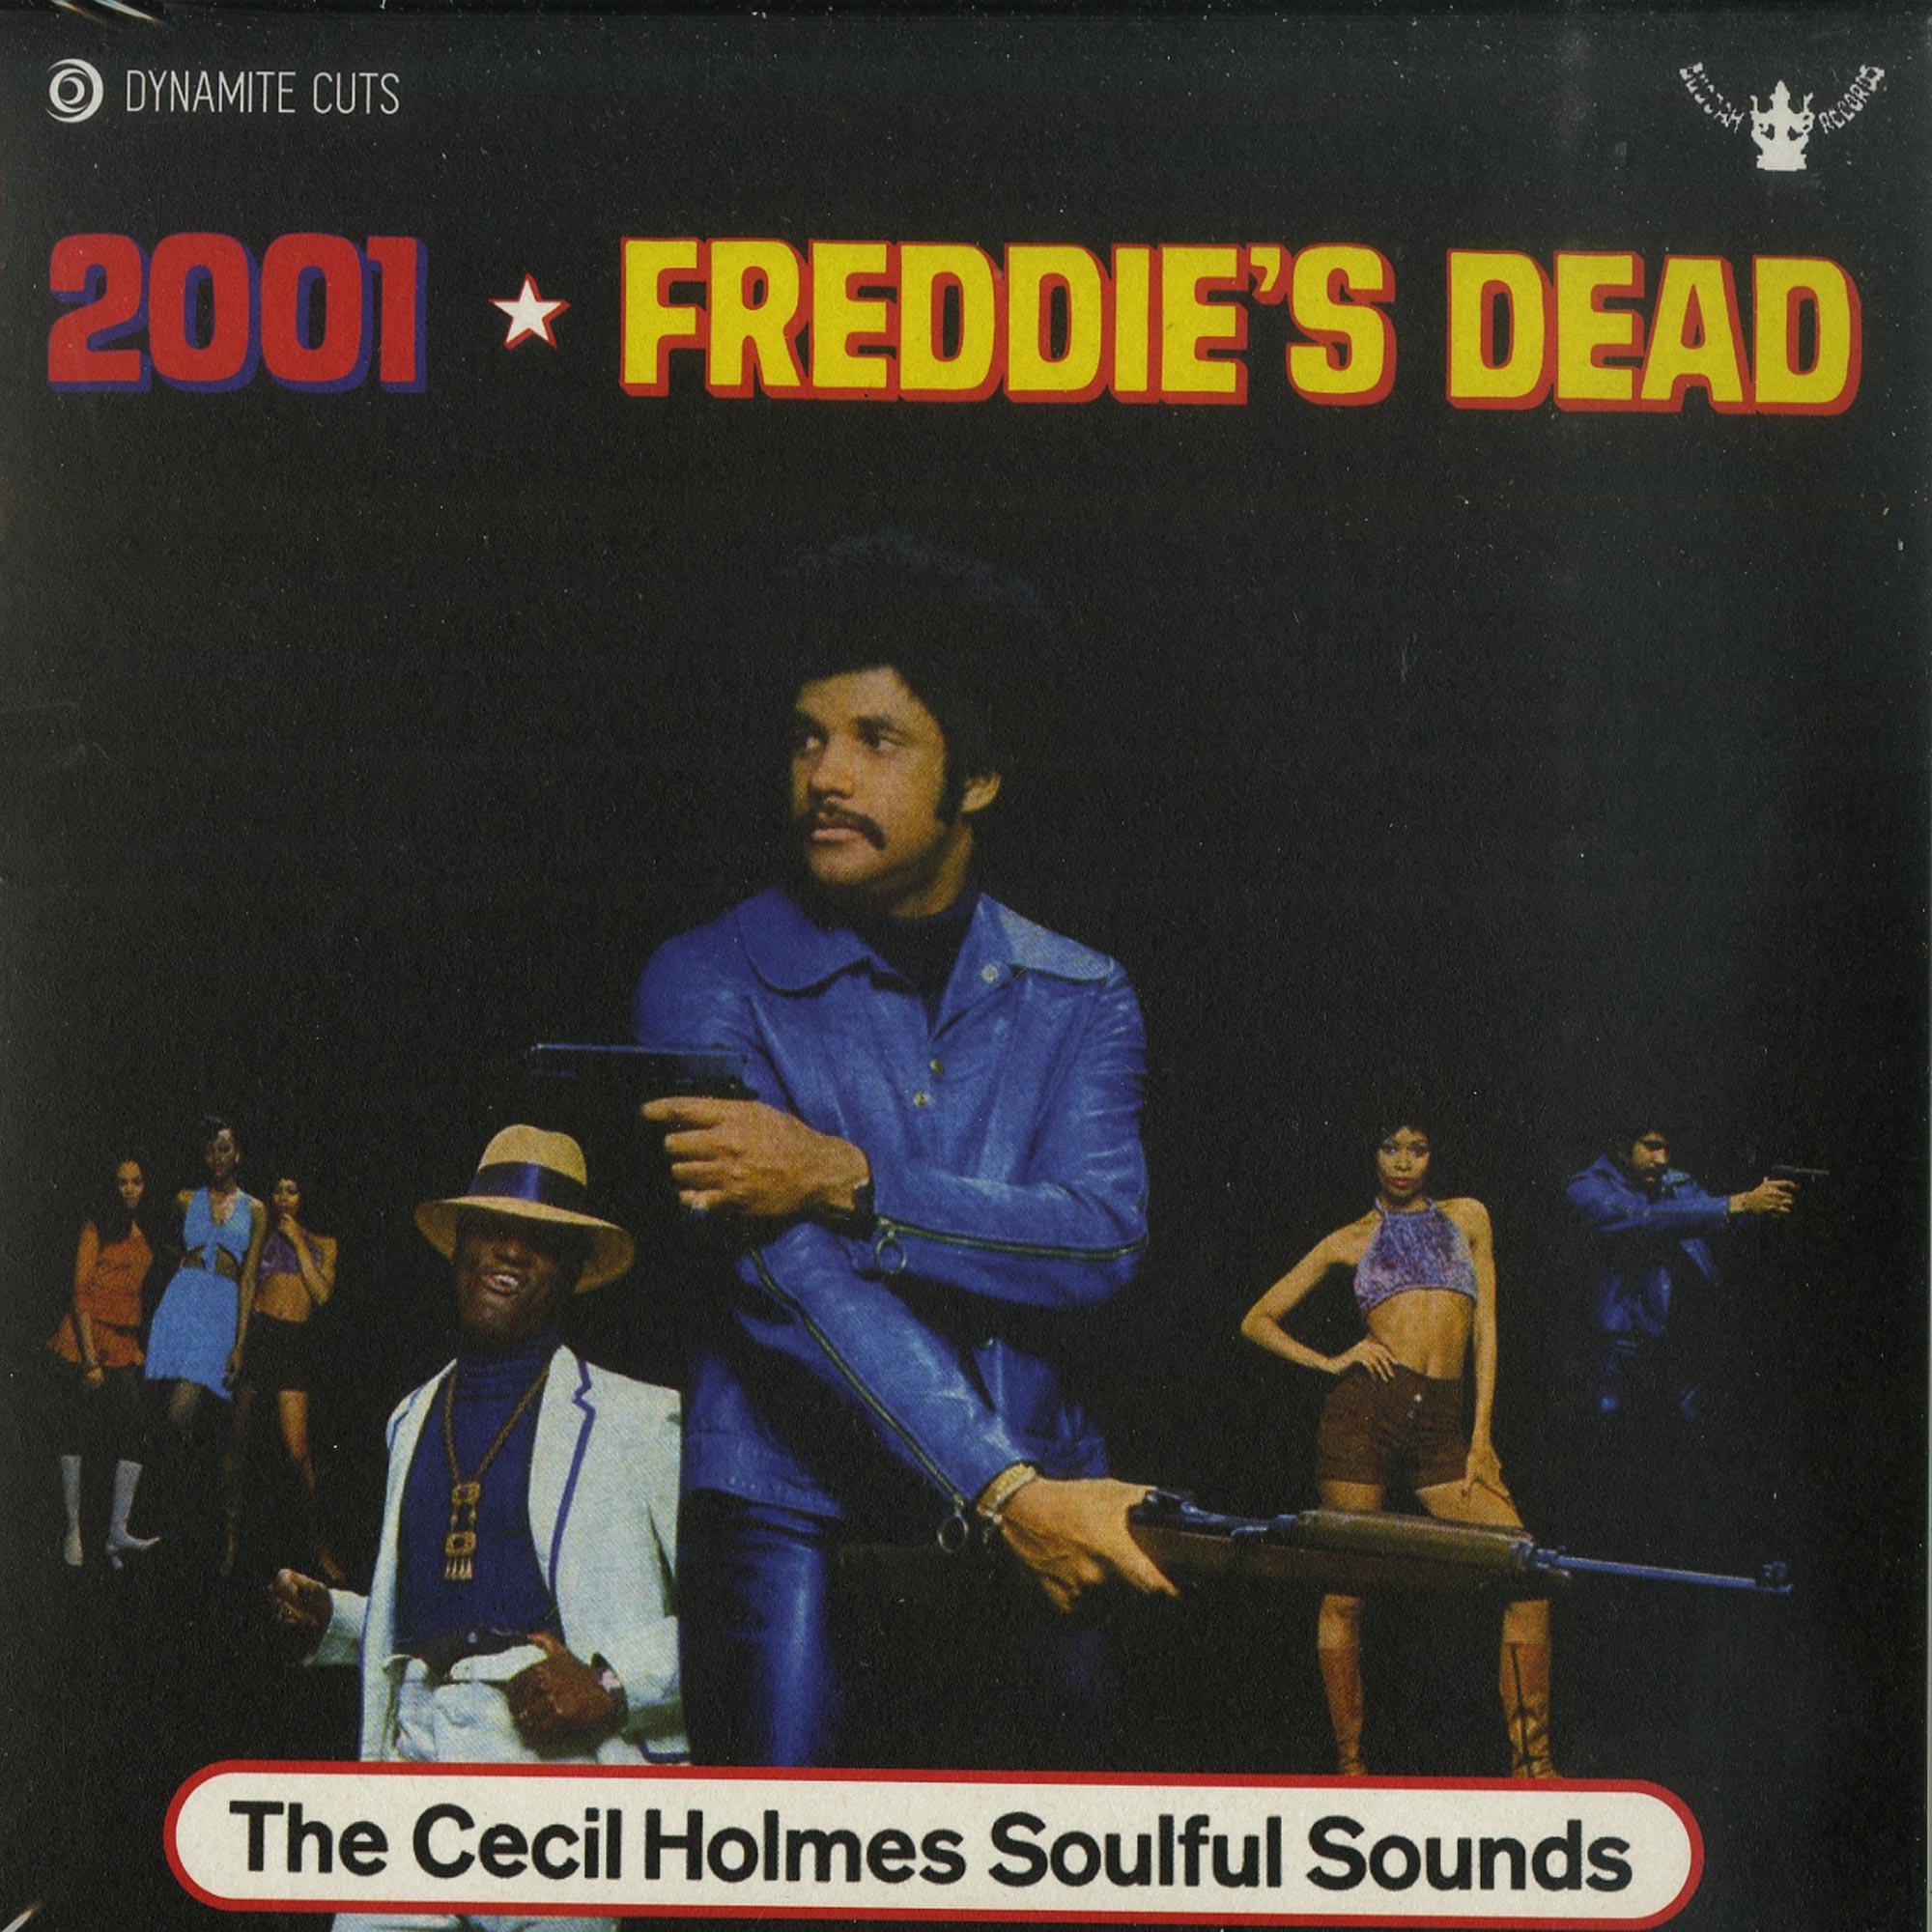 The Cecil Holmes - 2001 / FREDDIES DEAD